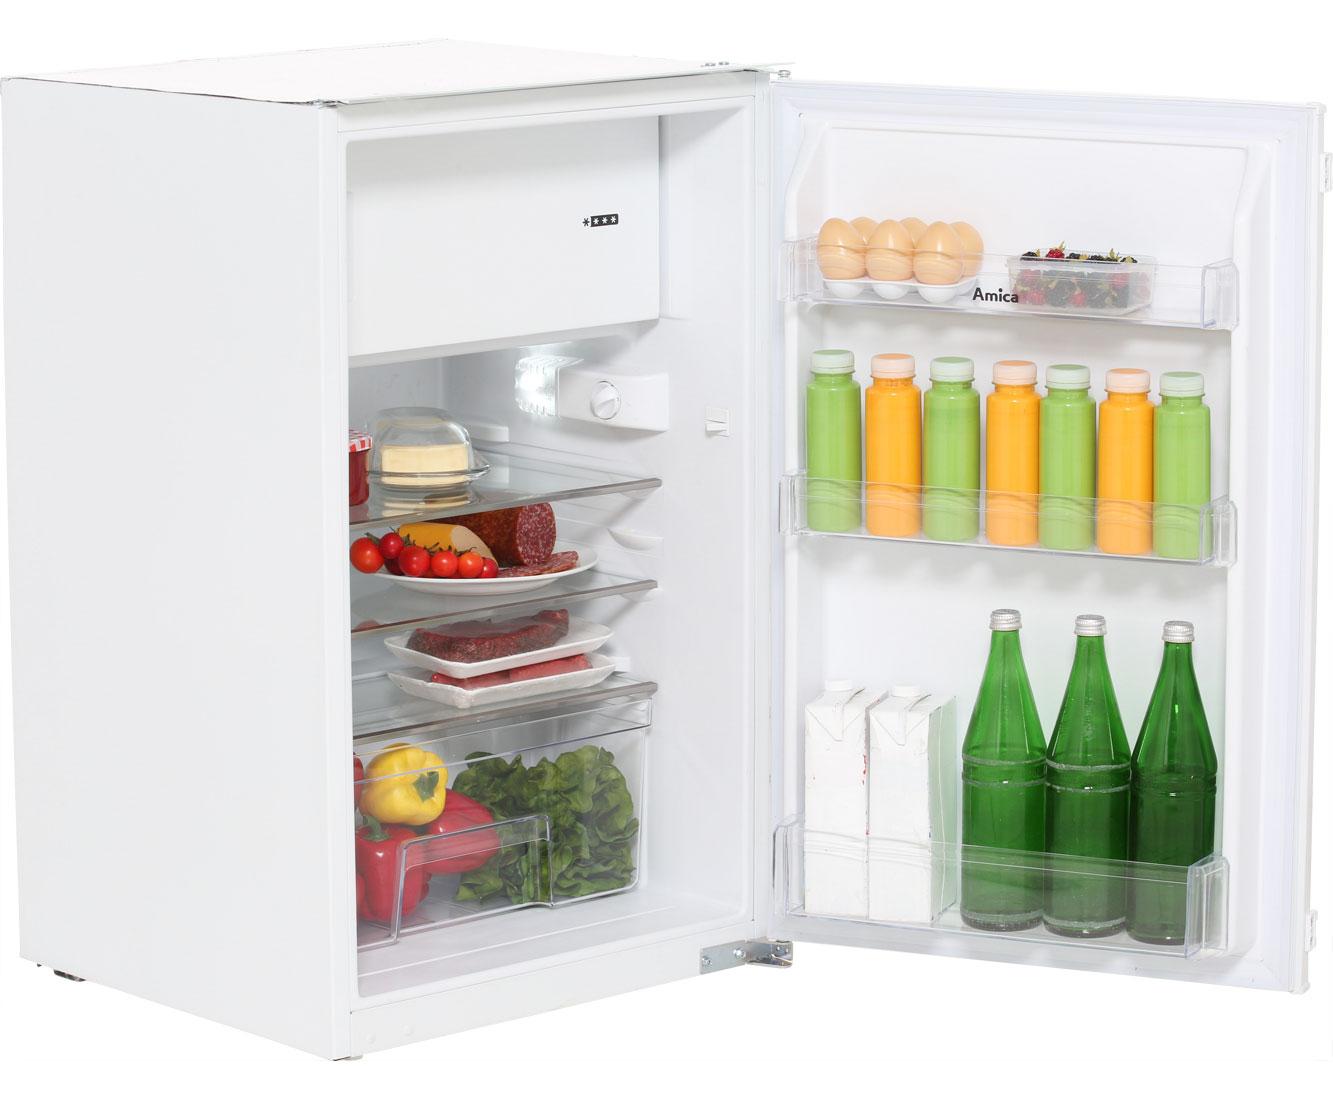 Kühlschrank Xxl Schwarz : Kühlschränke mit lieferung bis zum aufstellungsort ao.de